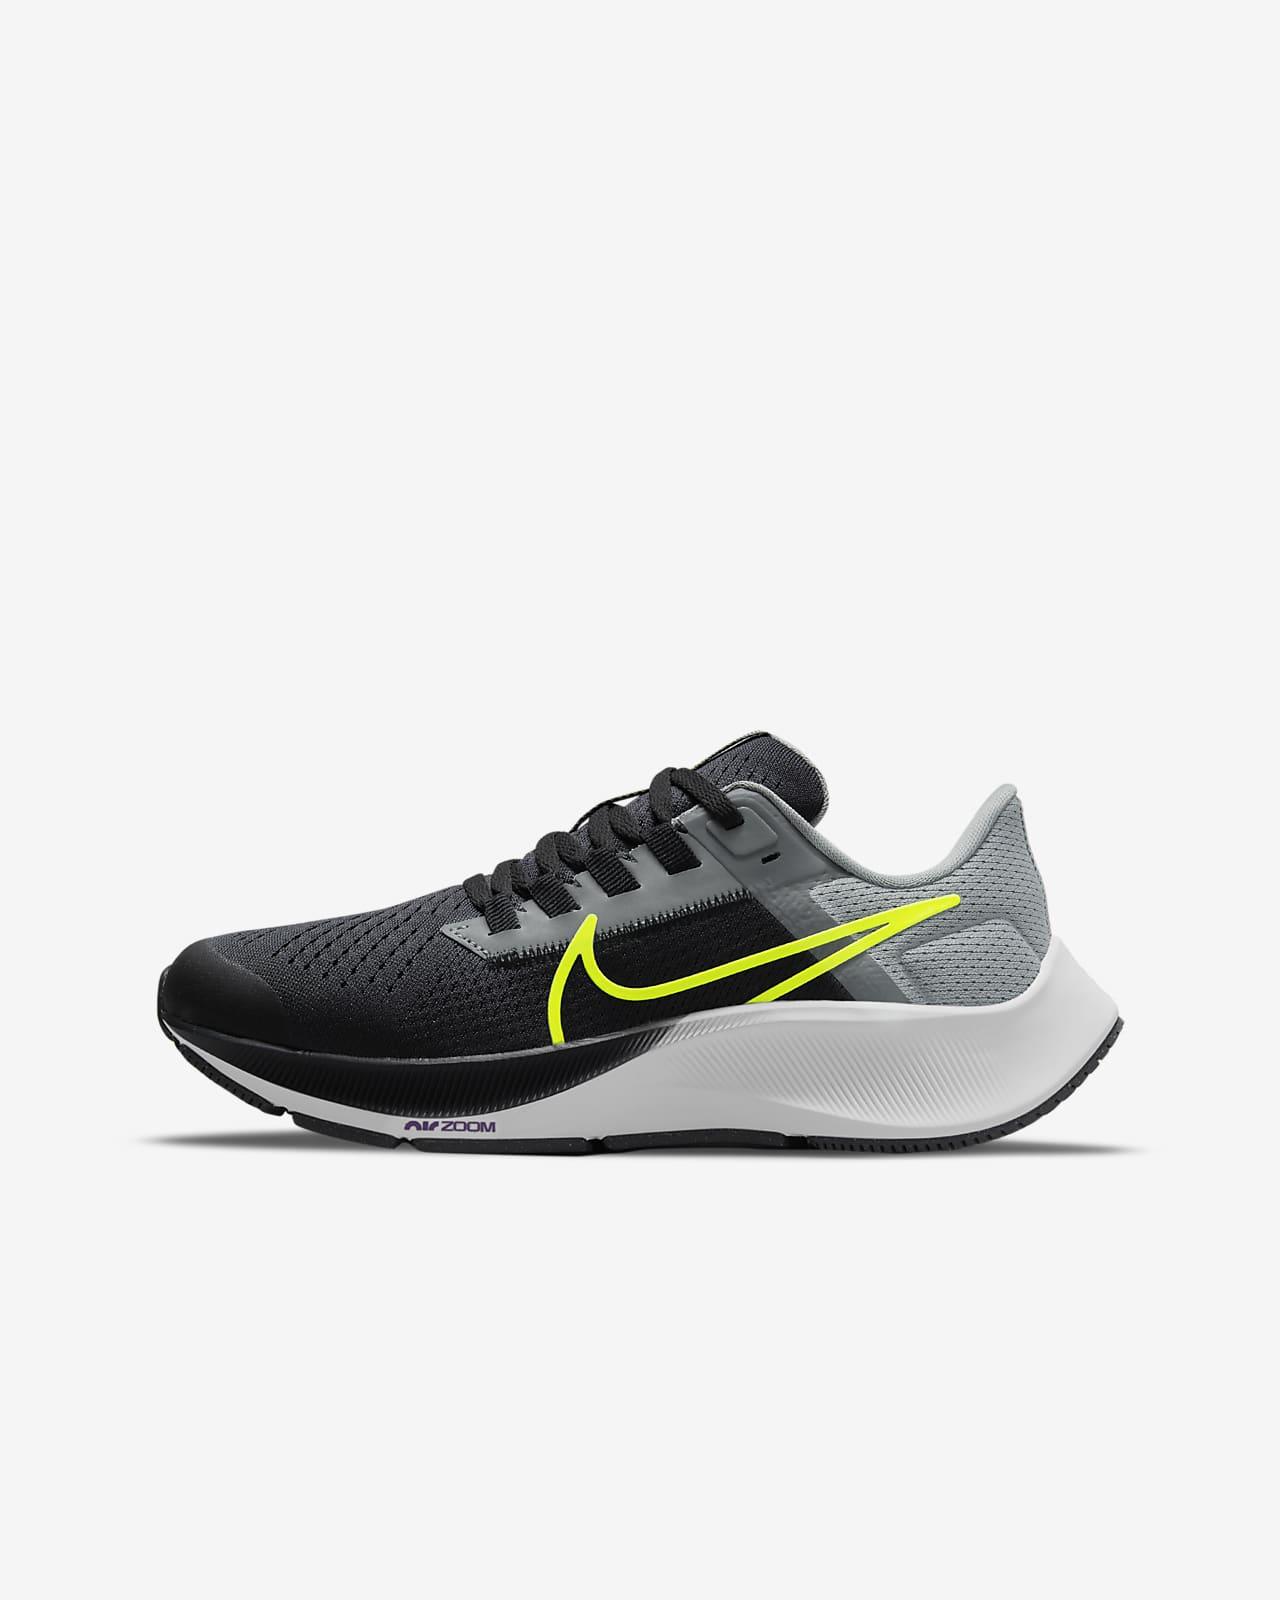 Sapatilhas de running para estrada Nike Air Zoom Pegasus 38 Júnior